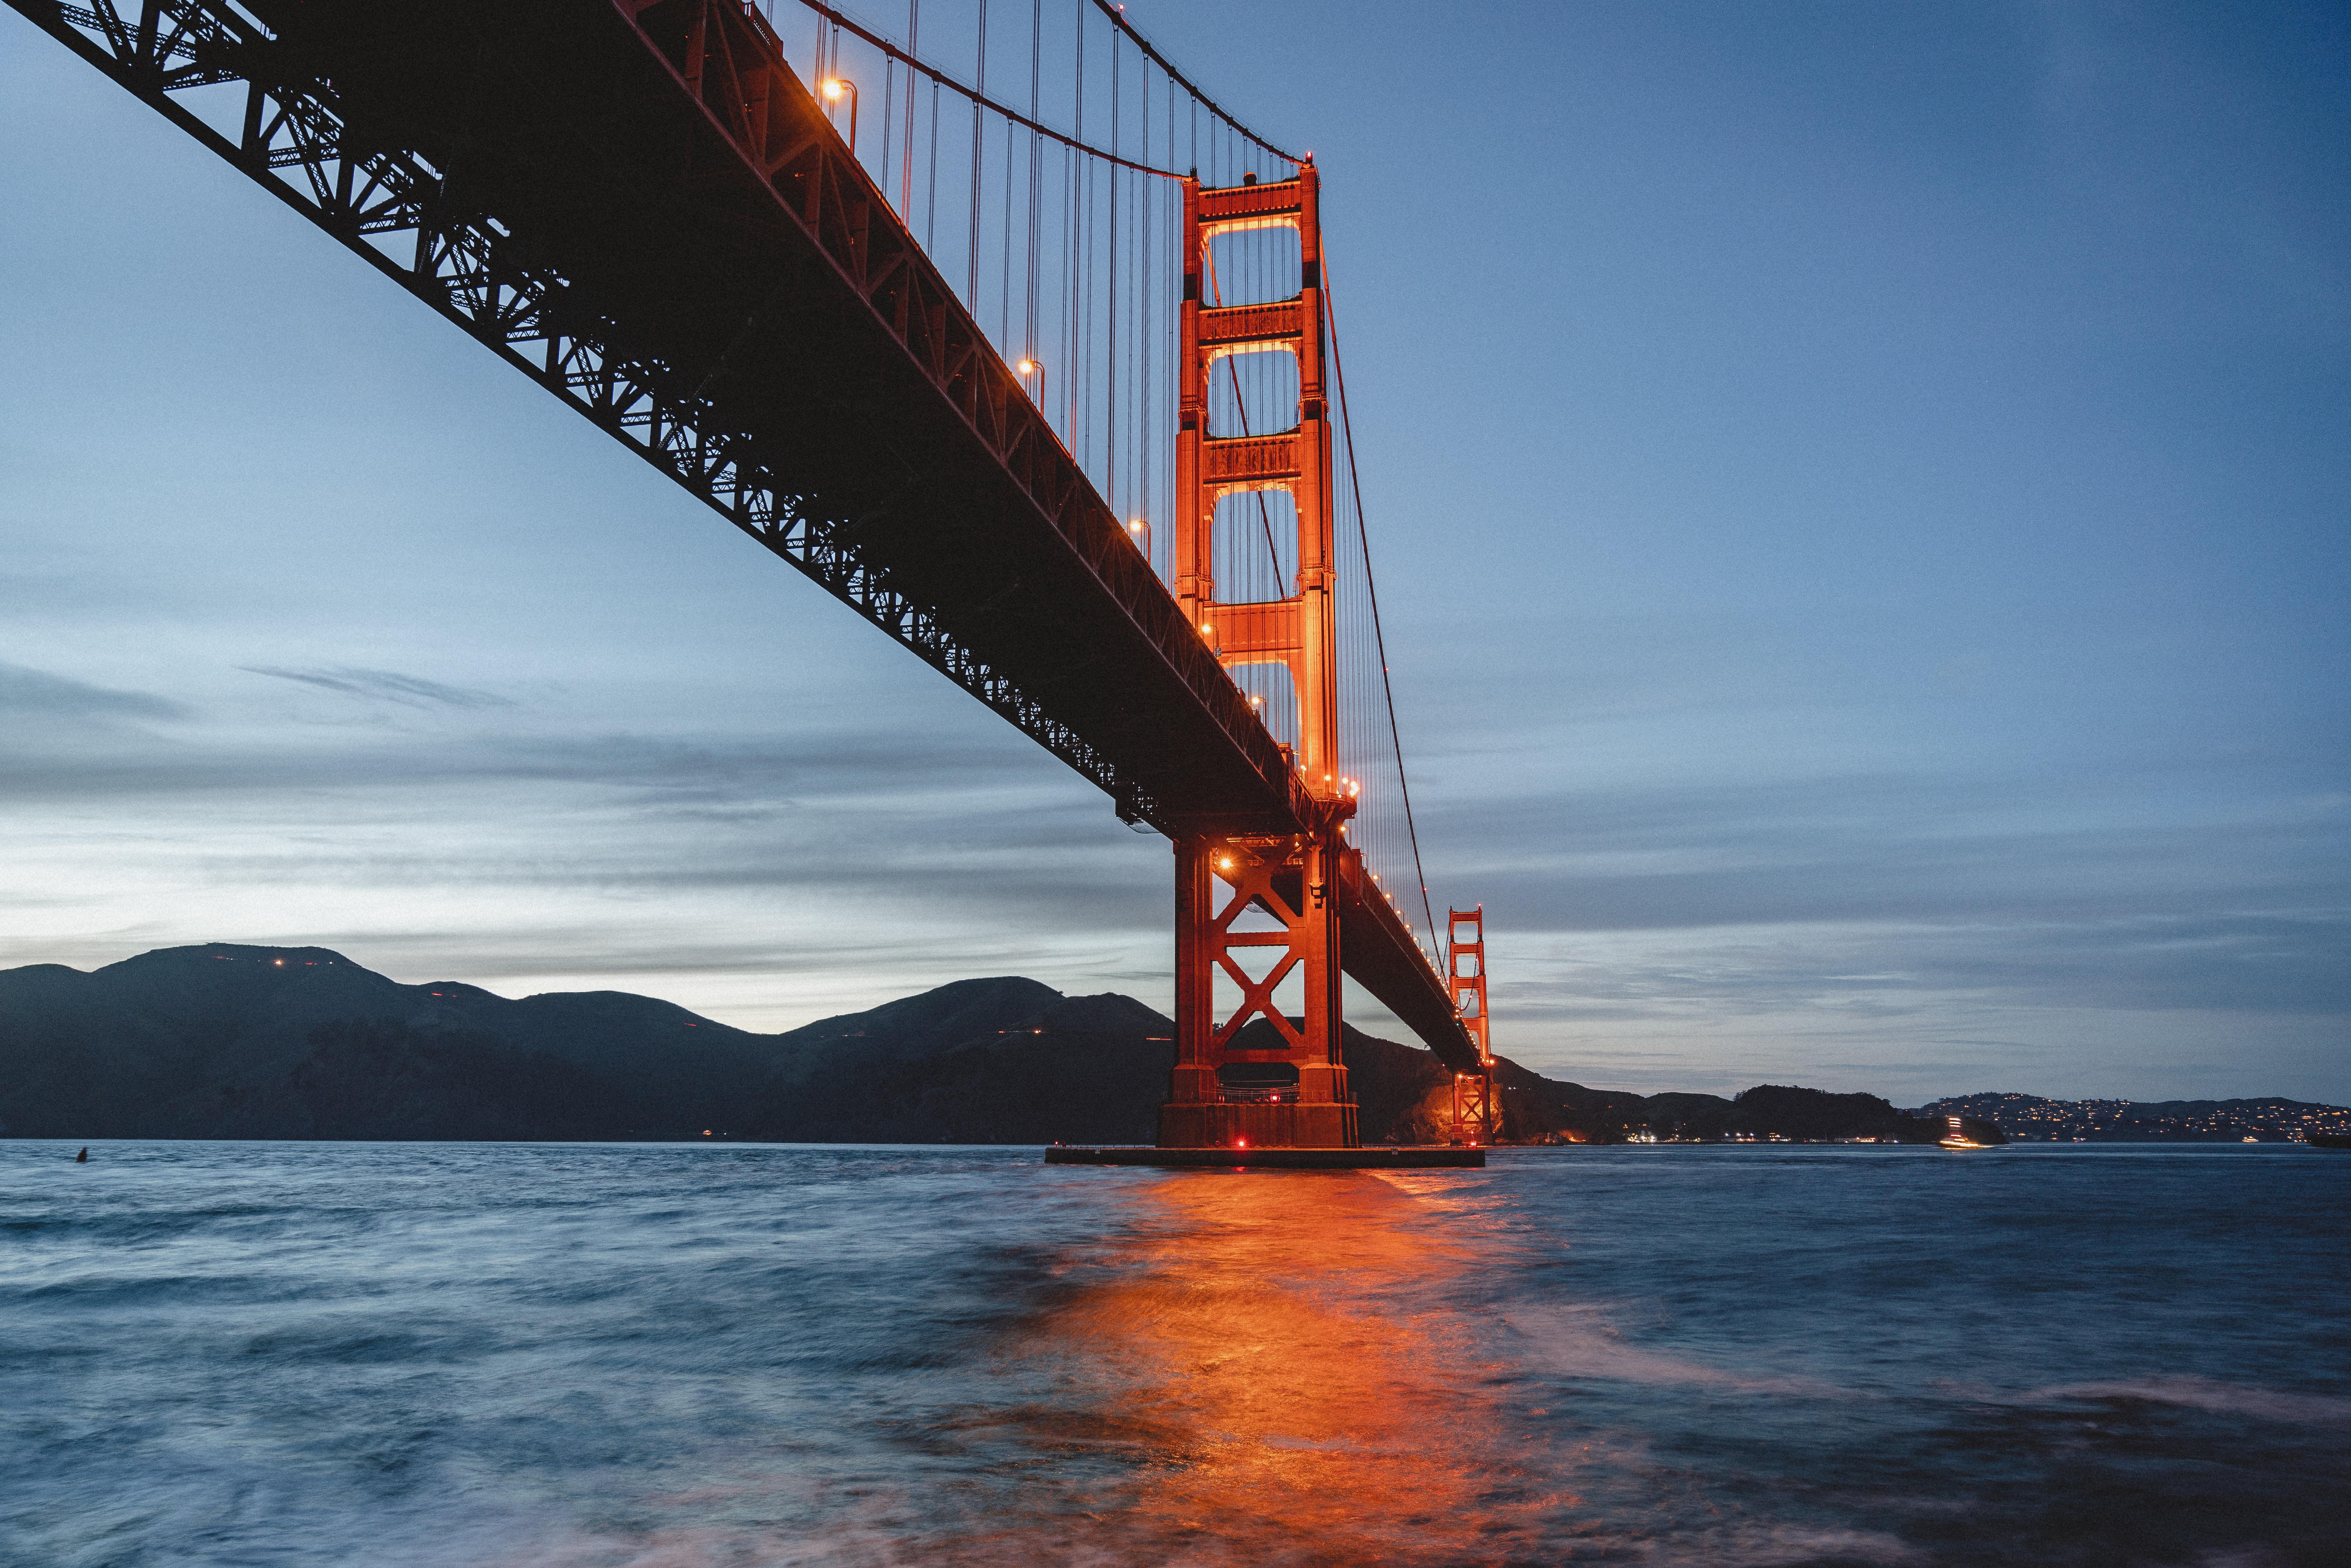 ¿Cómo disfrutar de San Francisco?